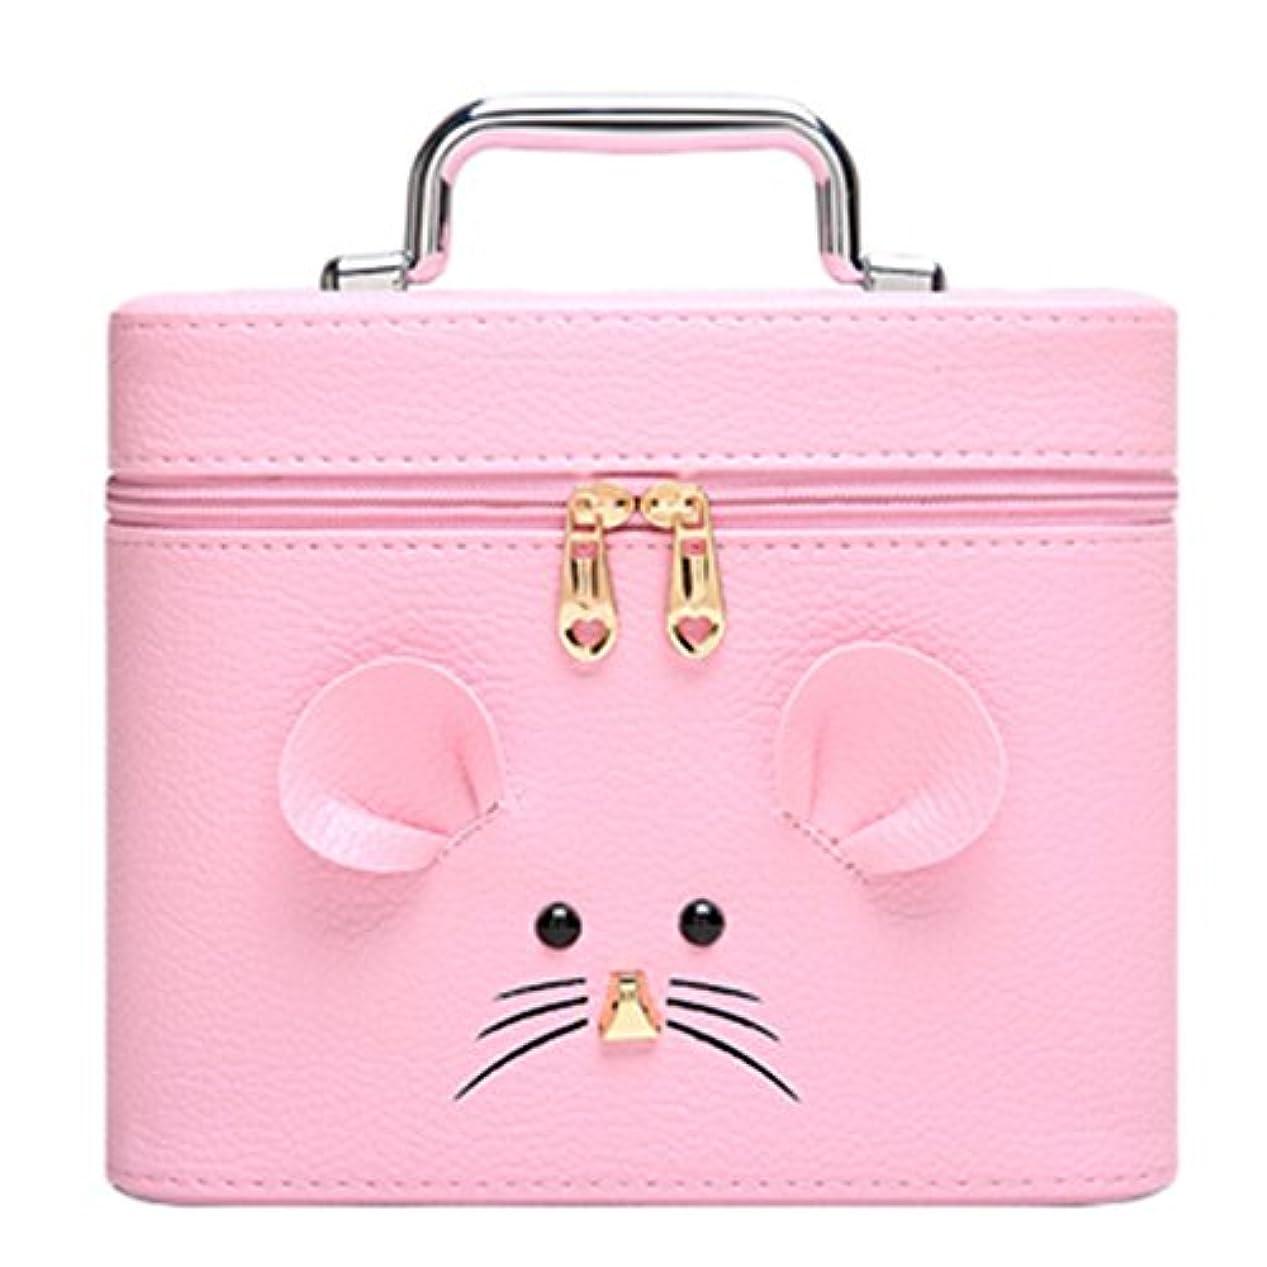 コーデリア予測するダニ化粧オーガナイザーバッグ ジッパーと化粧鏡で小さなものの種類の旅行のための美容メイクアップのためのピンクのポータブル化粧品バッグ 化粧品ケース